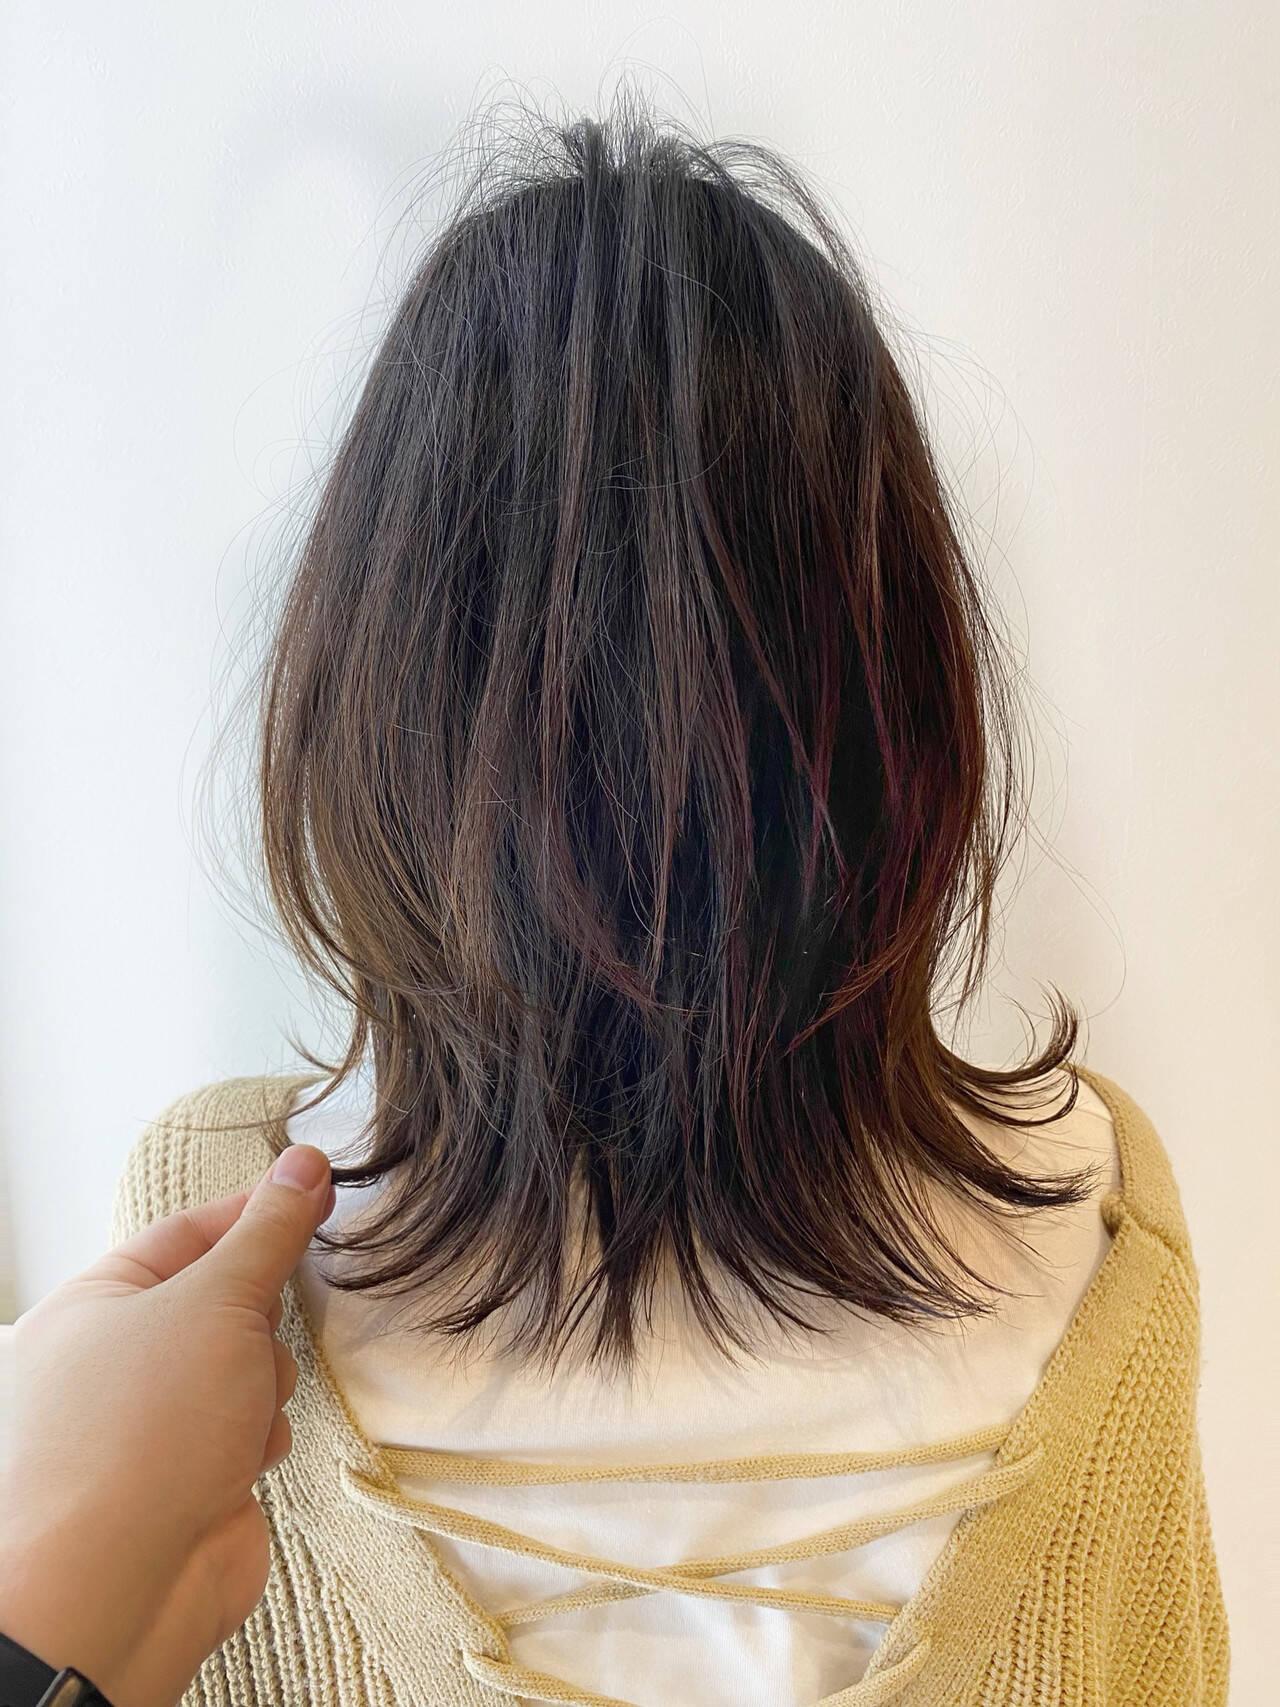 フェミニン 重軽 切りっぱなしボブ ミディアムレイヤーヘアスタイルや髪型の写真・画像